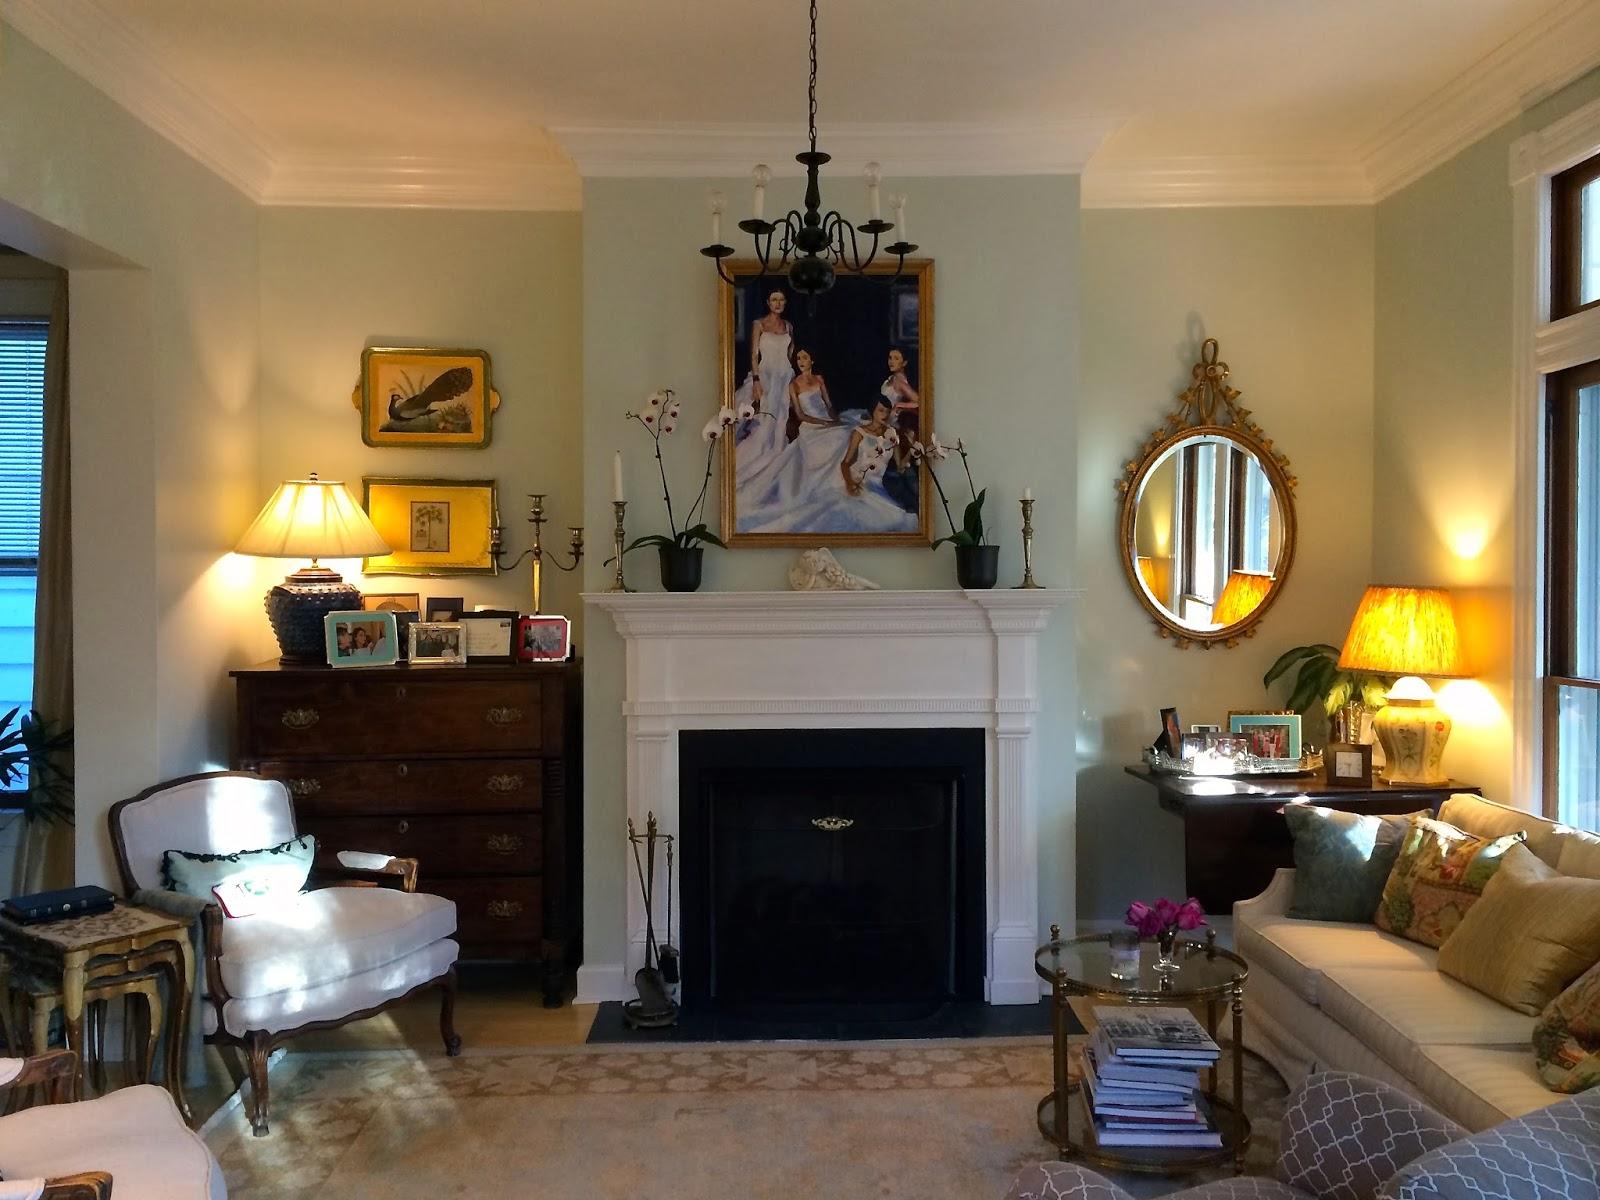 mel liza living room diy crown molding before after. Black Bedroom Furniture Sets. Home Design Ideas